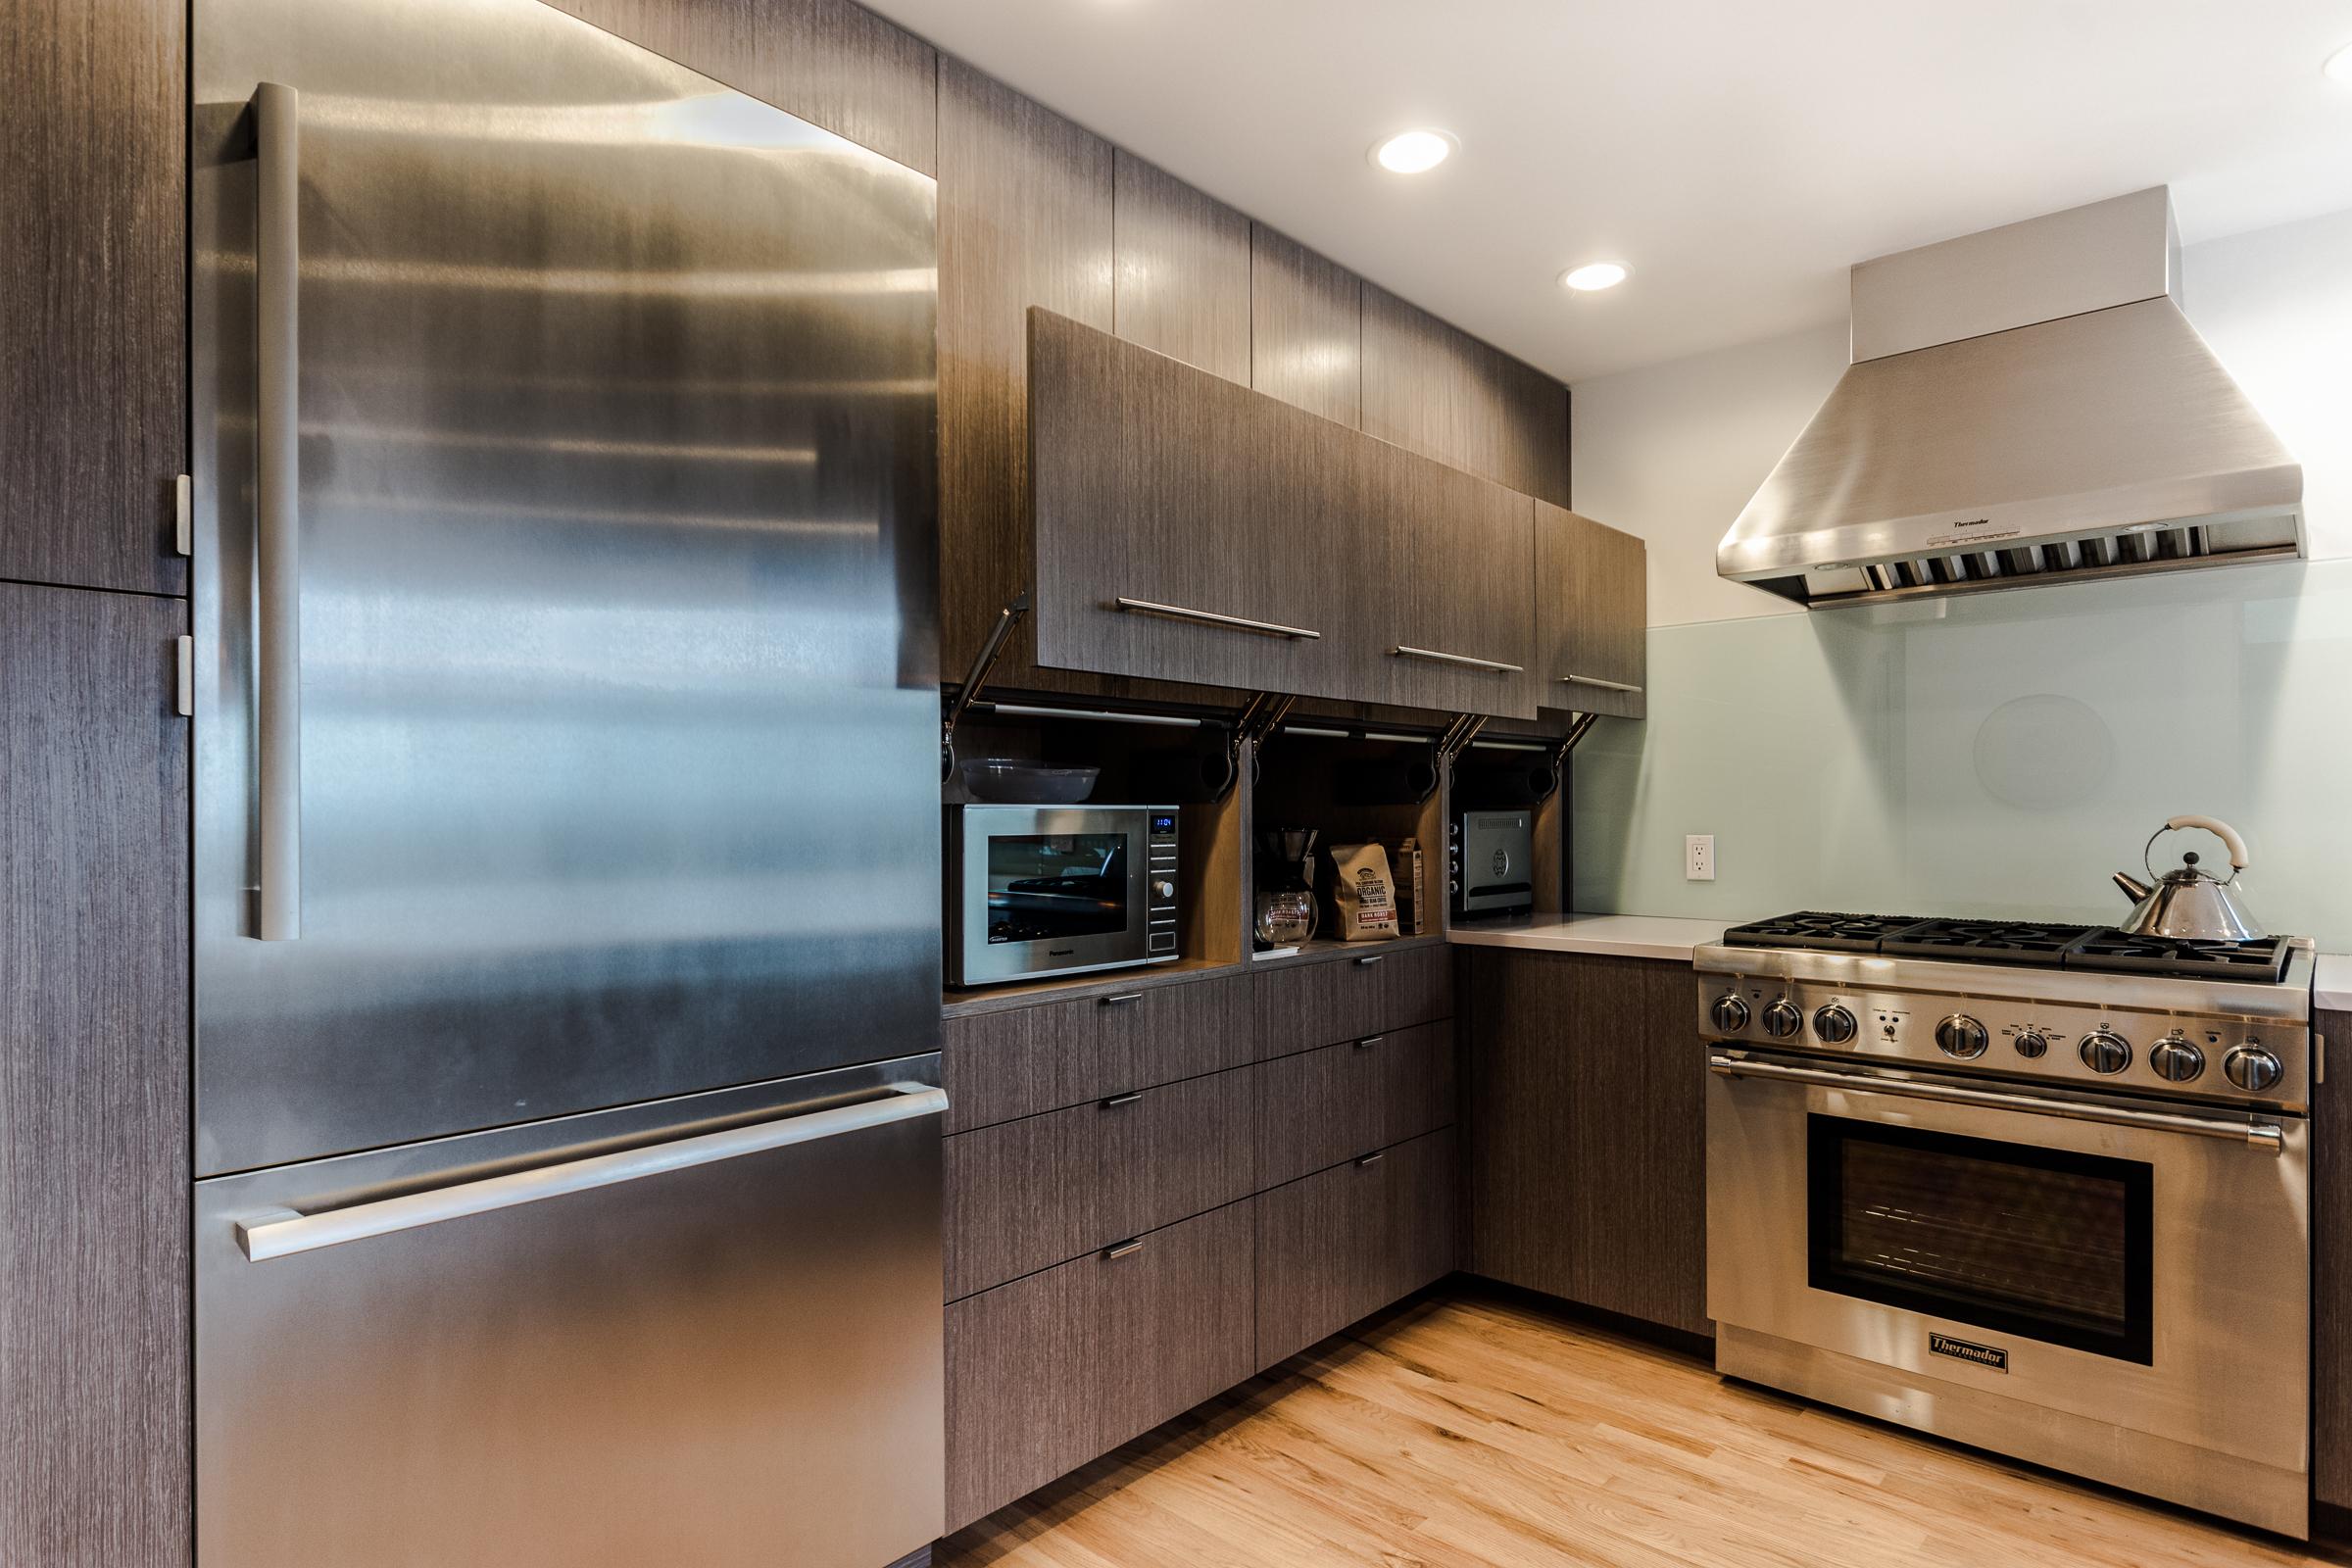 Modern kitchen architecture